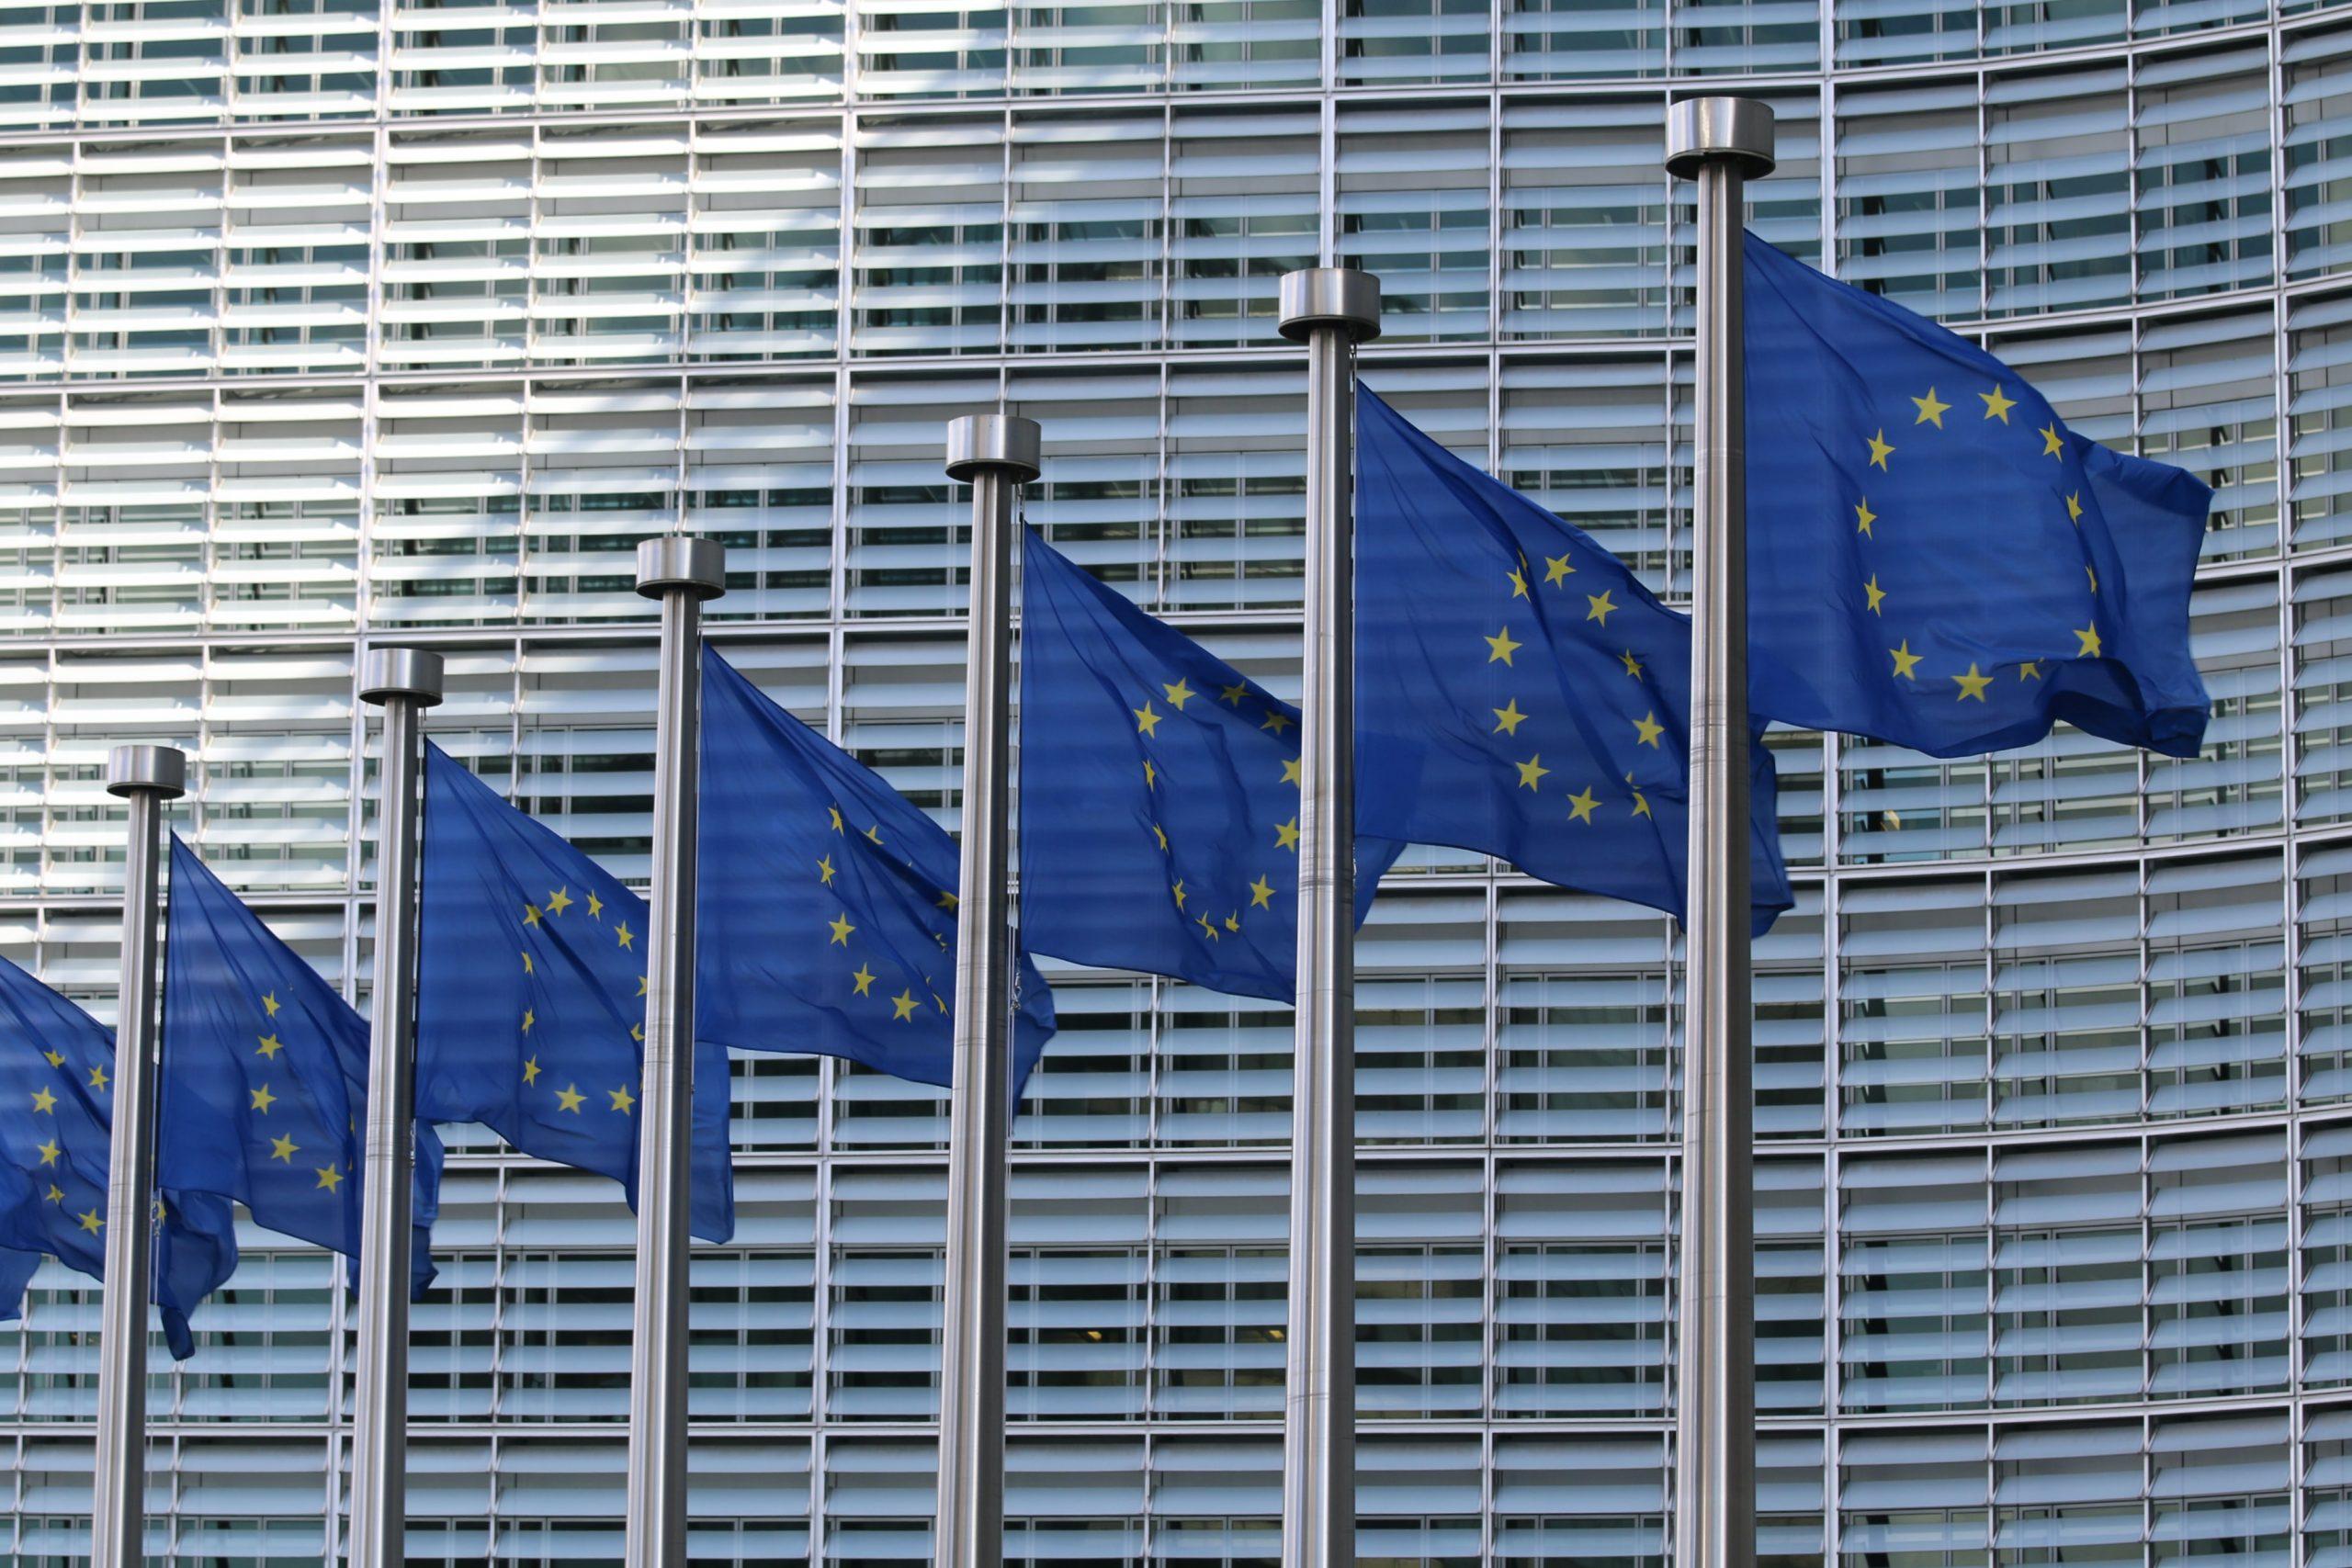 Lund ska ha EU-dag för kvarts miljon